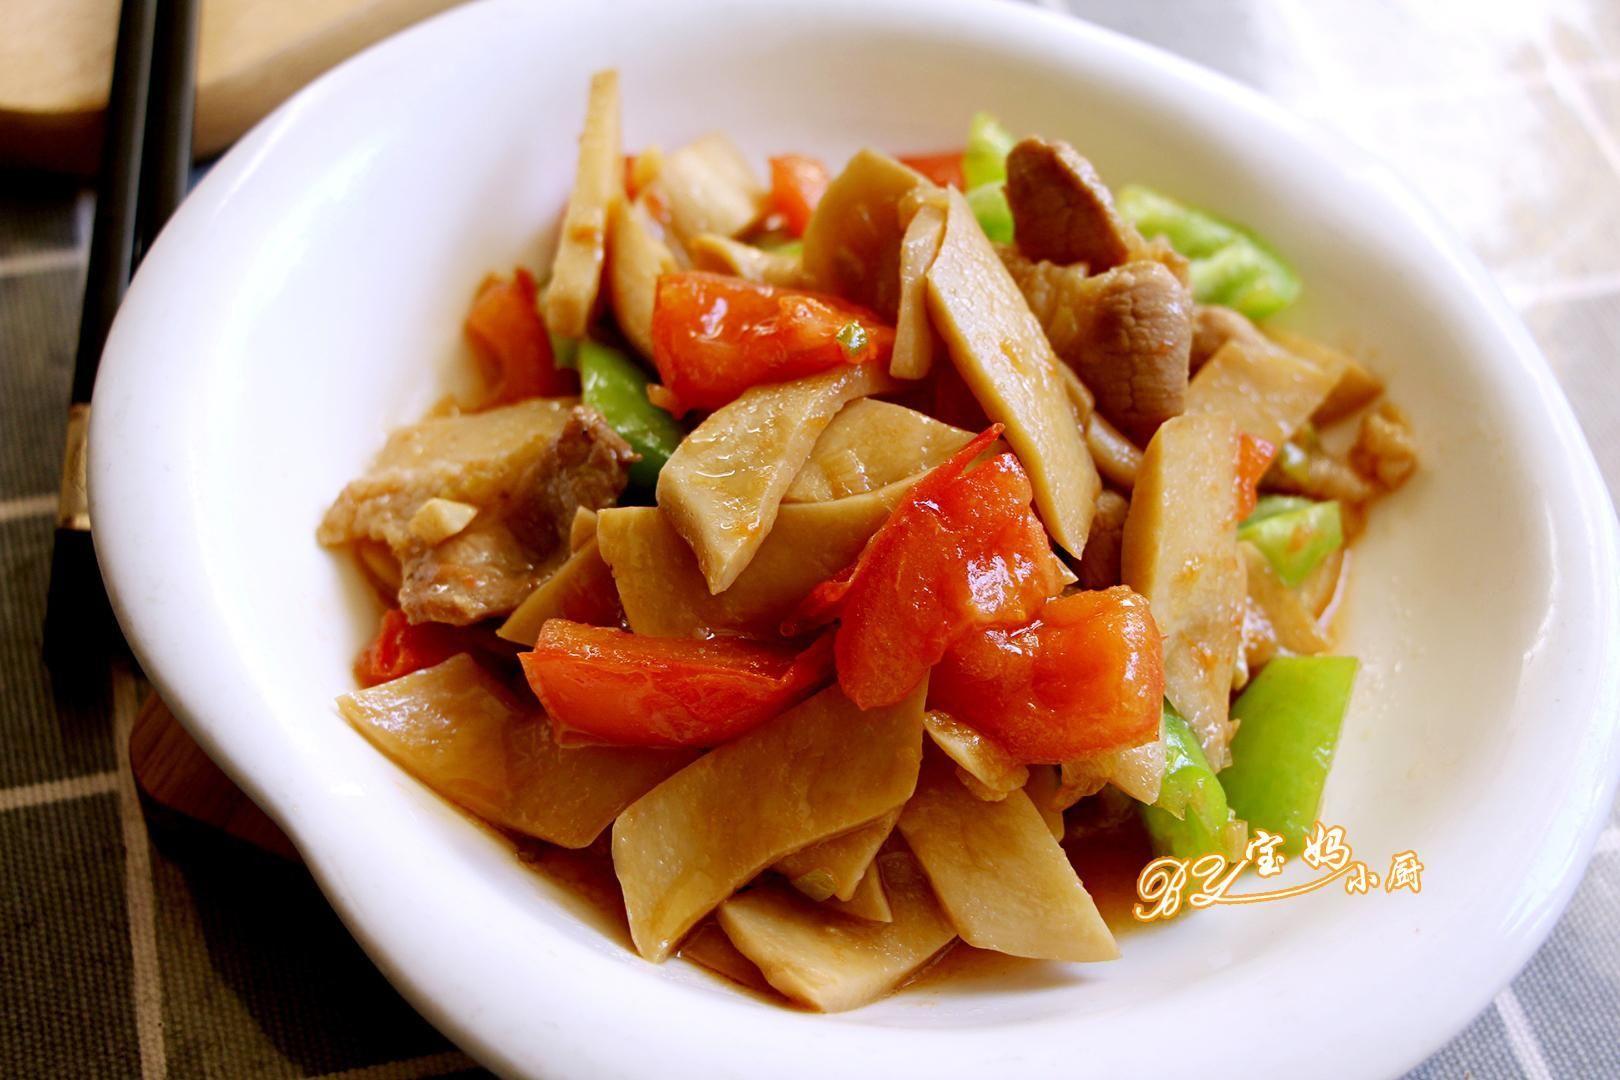 杏鲍菇不一样的做法,营养翻着倍的涨,妥妥征服全家人的胃